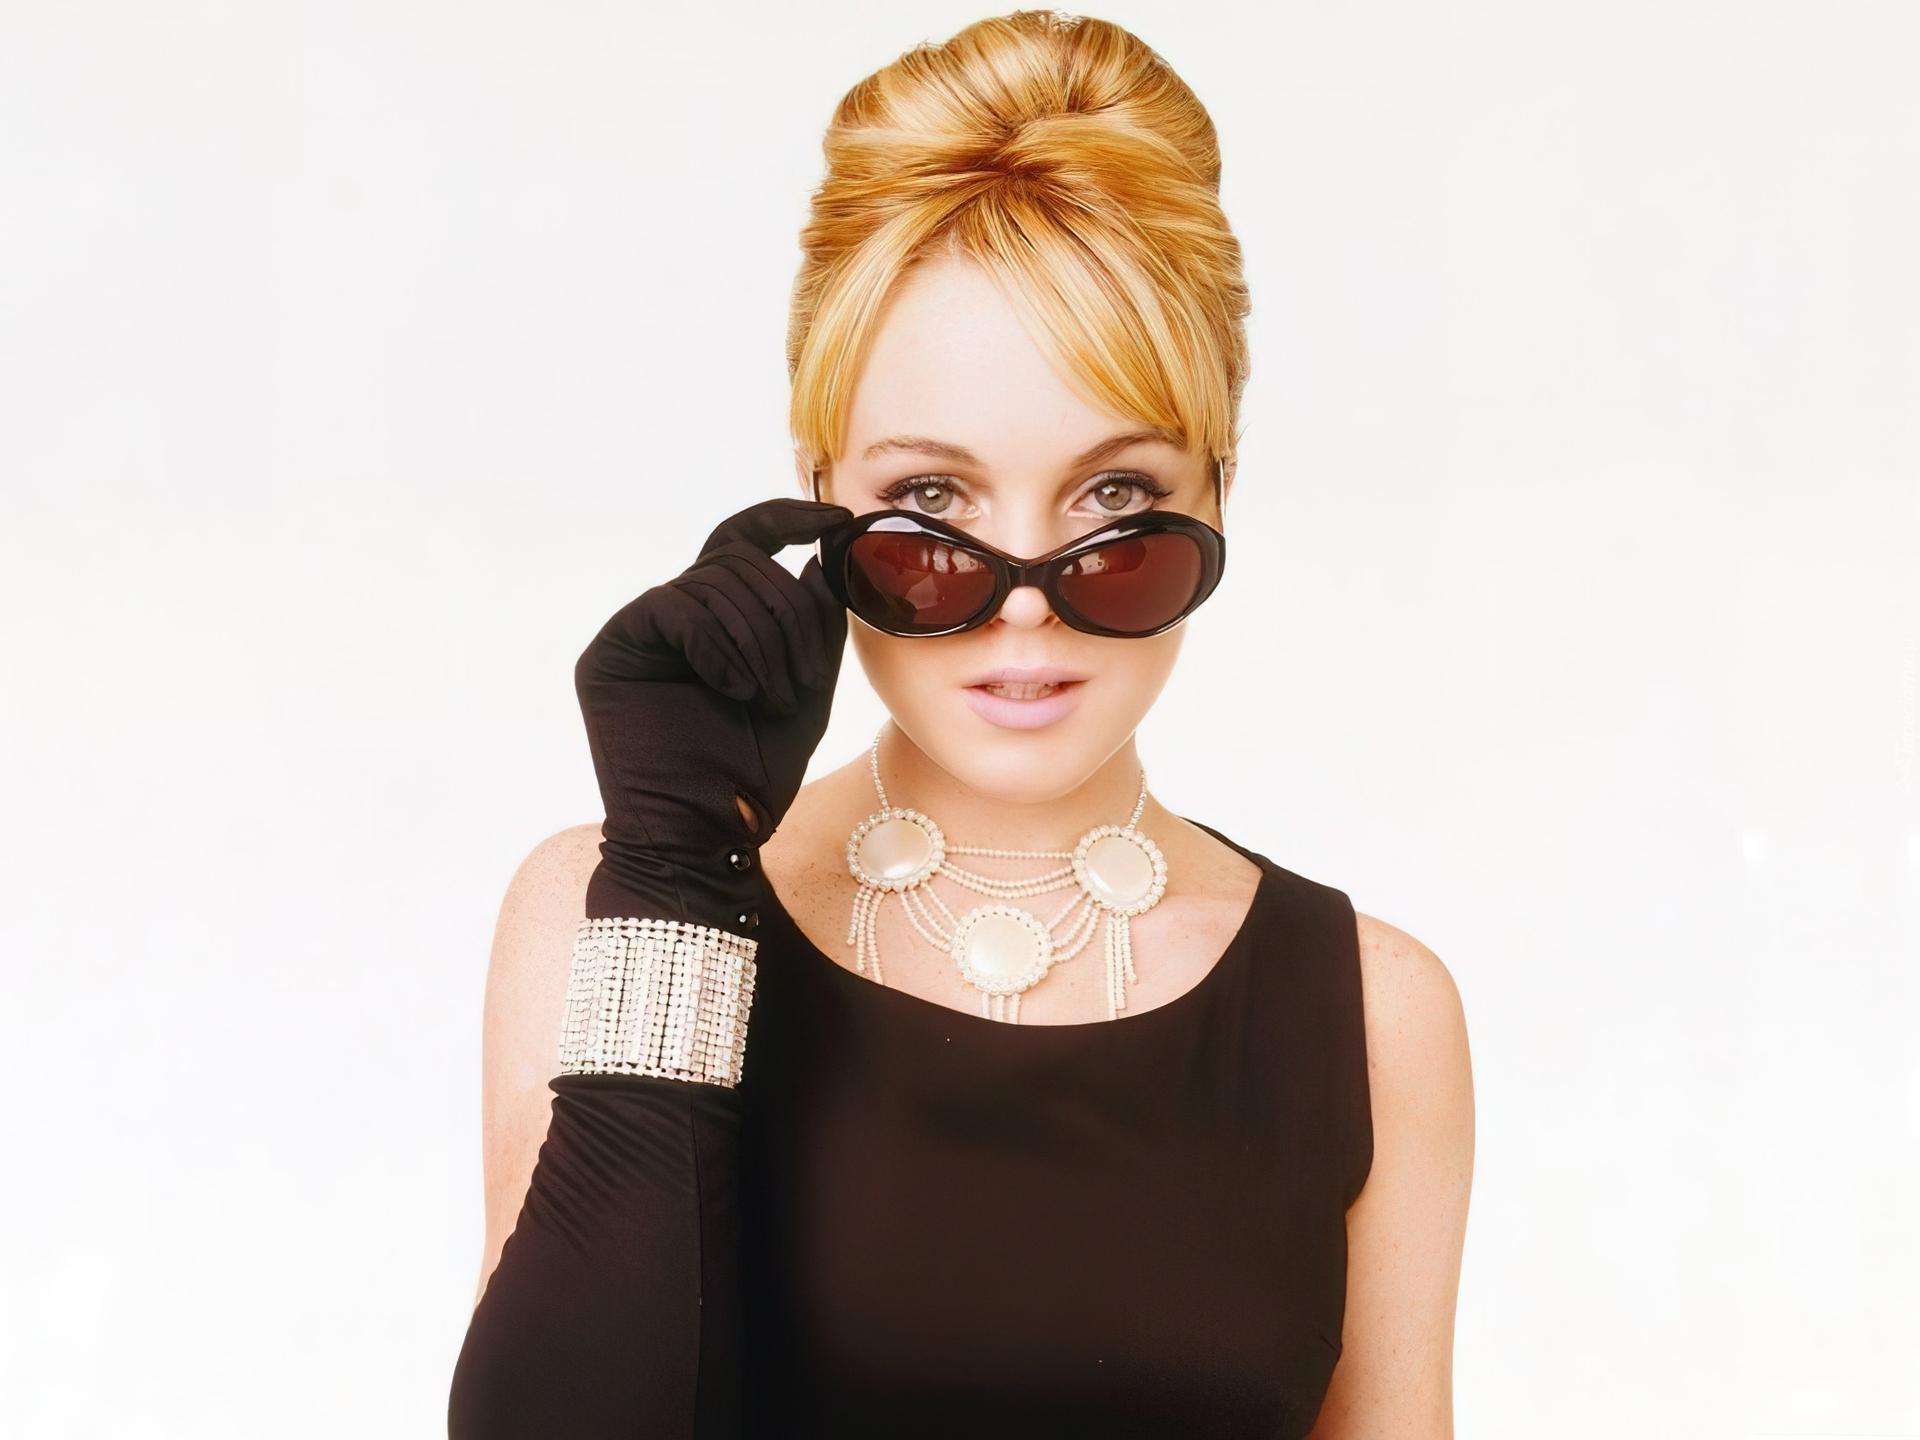 12160 lindsay lohan jpg Lindsay Lohan